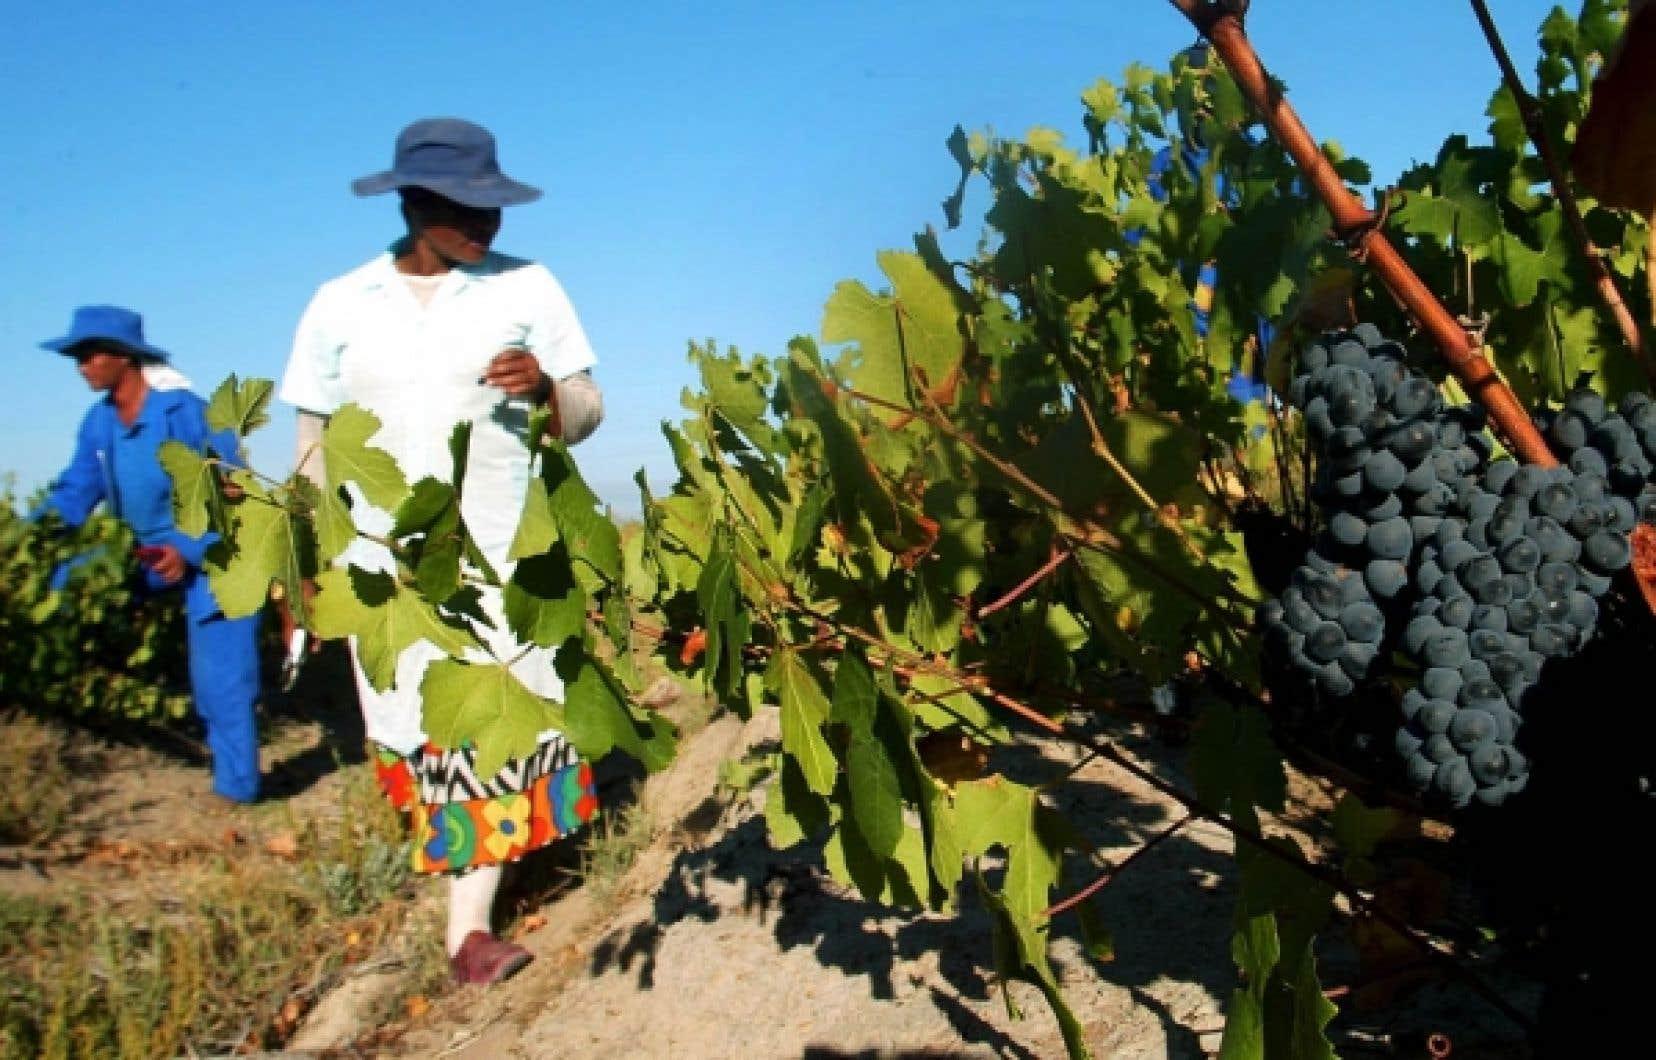 Exploitation vinicole en Afrique du Sud. Le peu d'intérêt des bailleurs de fonds pour les projets de développement agricole est dénoncé depuis plusieurs années par les organisations non gouvernementales qui travaillent sur le terrain.<br />